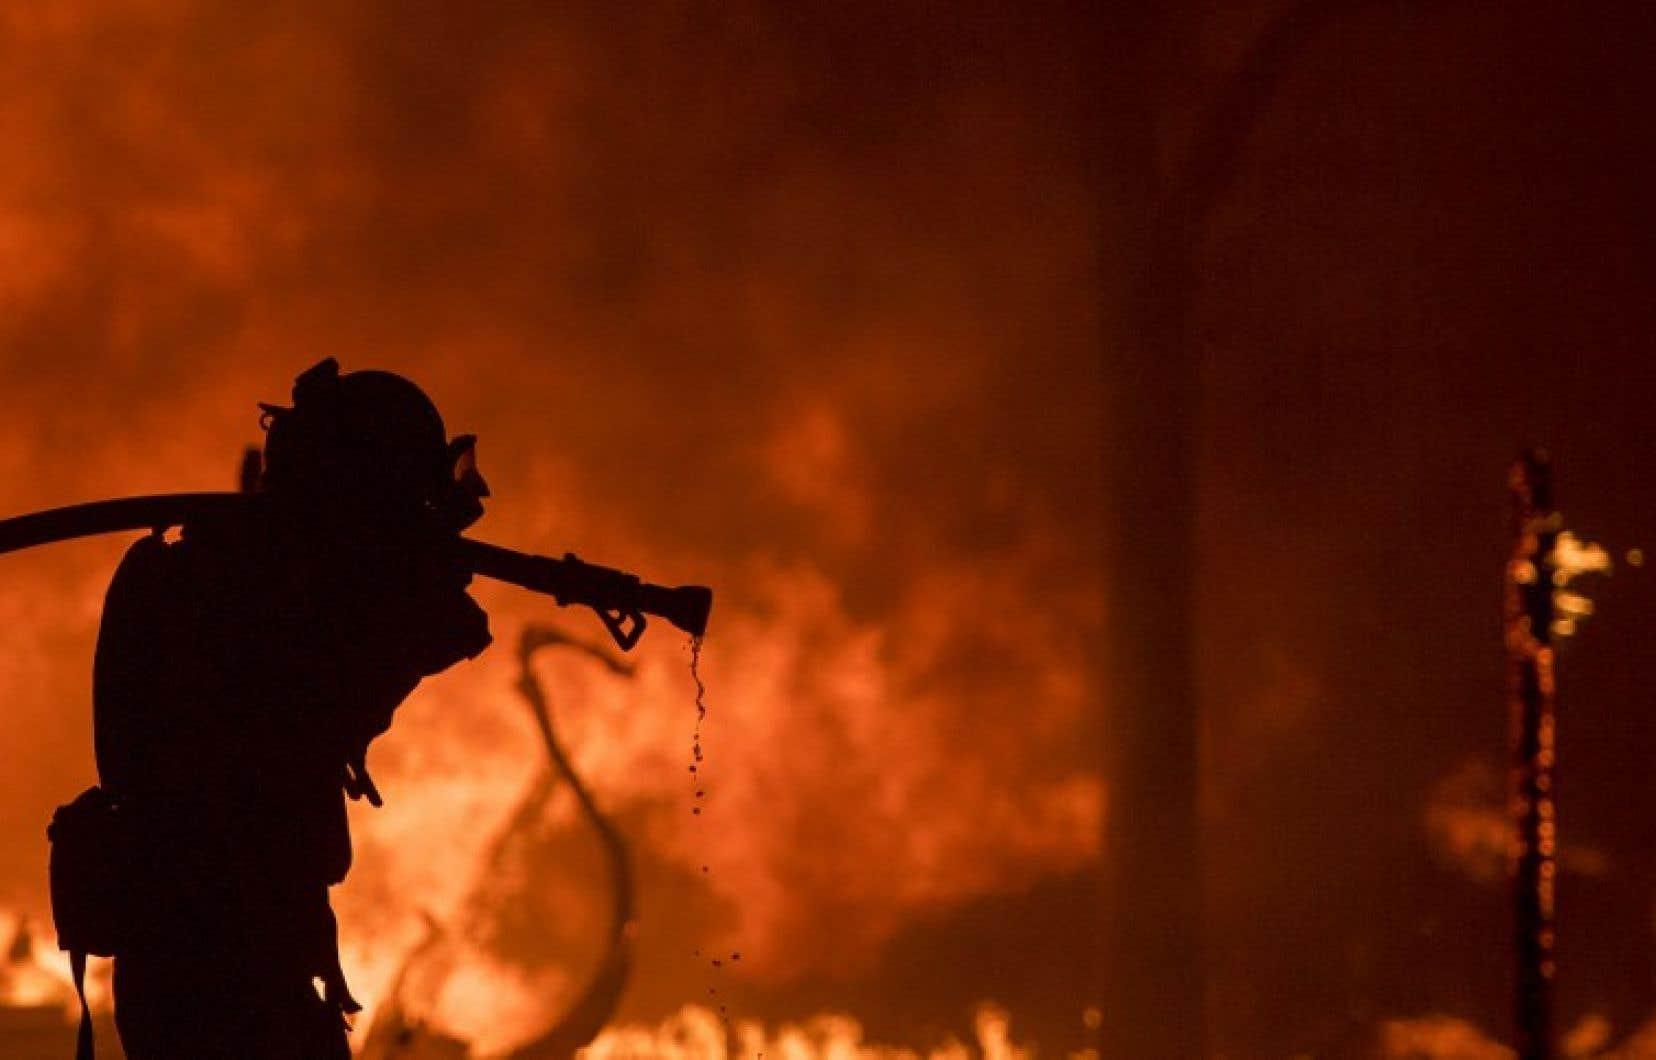 Au total, quatorze feux s'étendant sur plus de 23000 hectares se sont déclarés dans le nord de l'État.